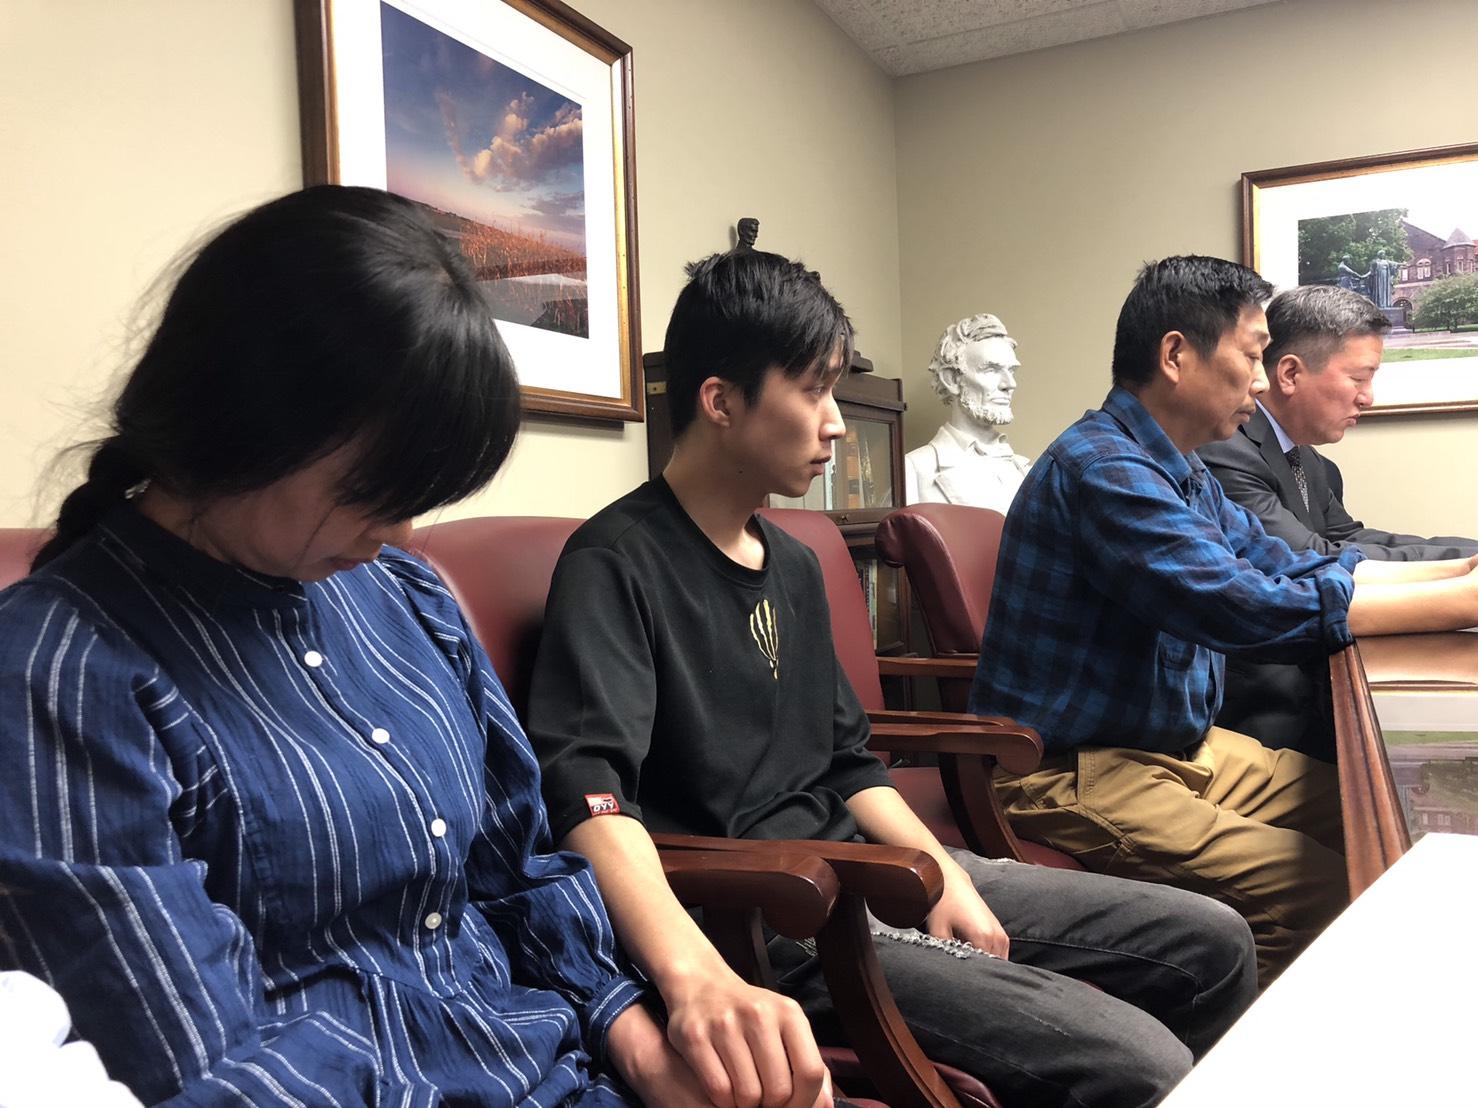 王志东(右二)、贝克特(右三)与章荣高(右)、叶丽凤(左一)、章新阳(左二)出席说明章莹颖遗体下落。图/读者提供